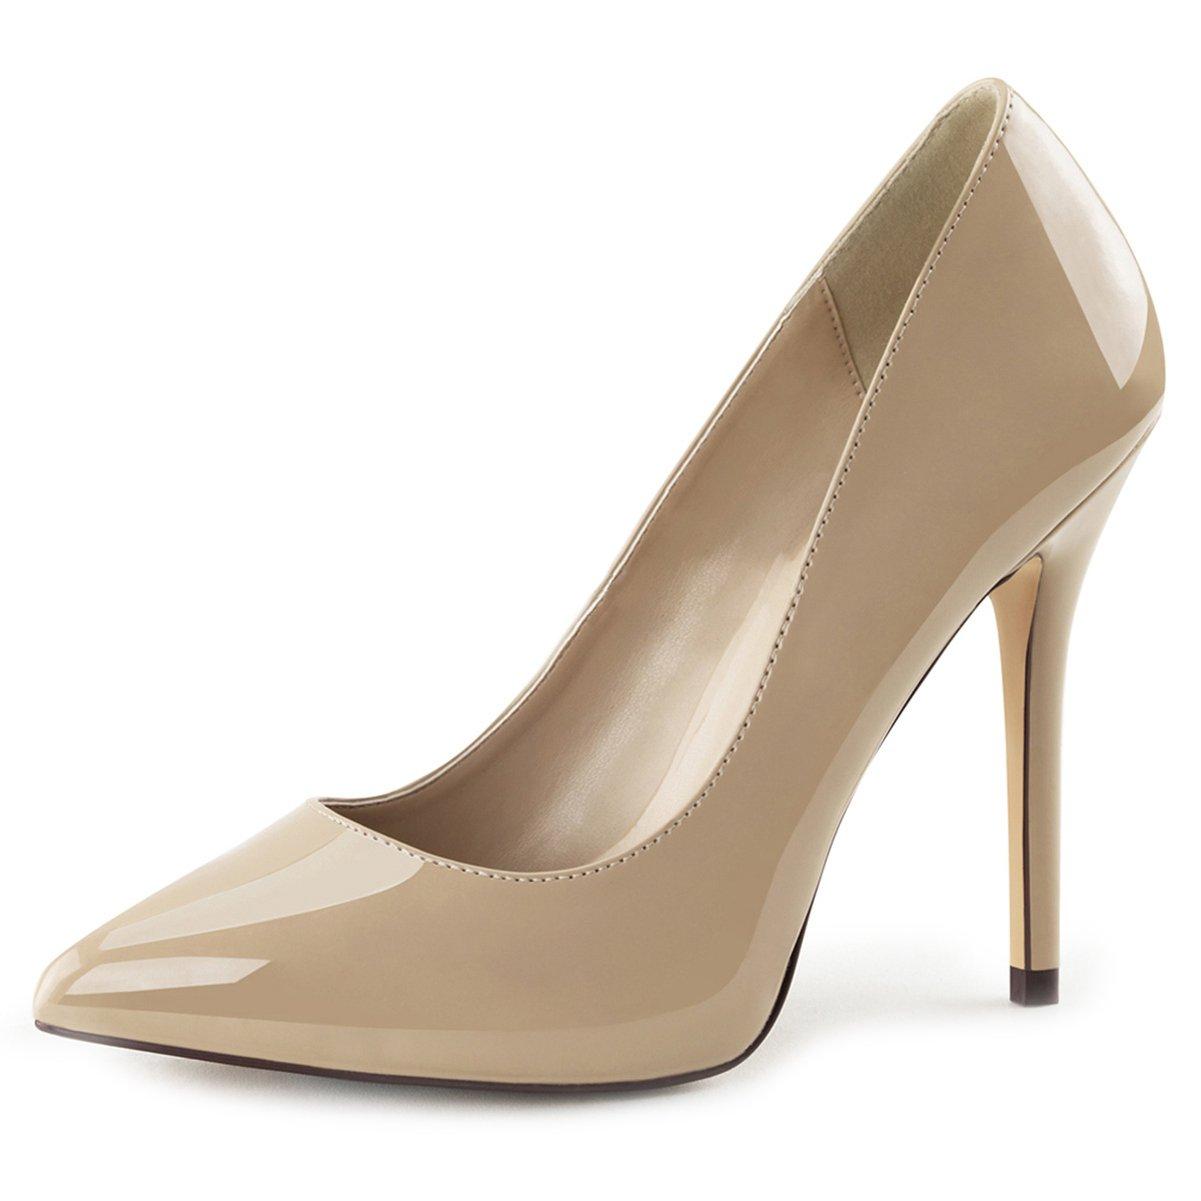 de9f58979 Amazon.com | Womens 5 Inch Heels Classic Pointed Toe Pumps Shiny Cream Shoes  Hidden Platform | Pumps